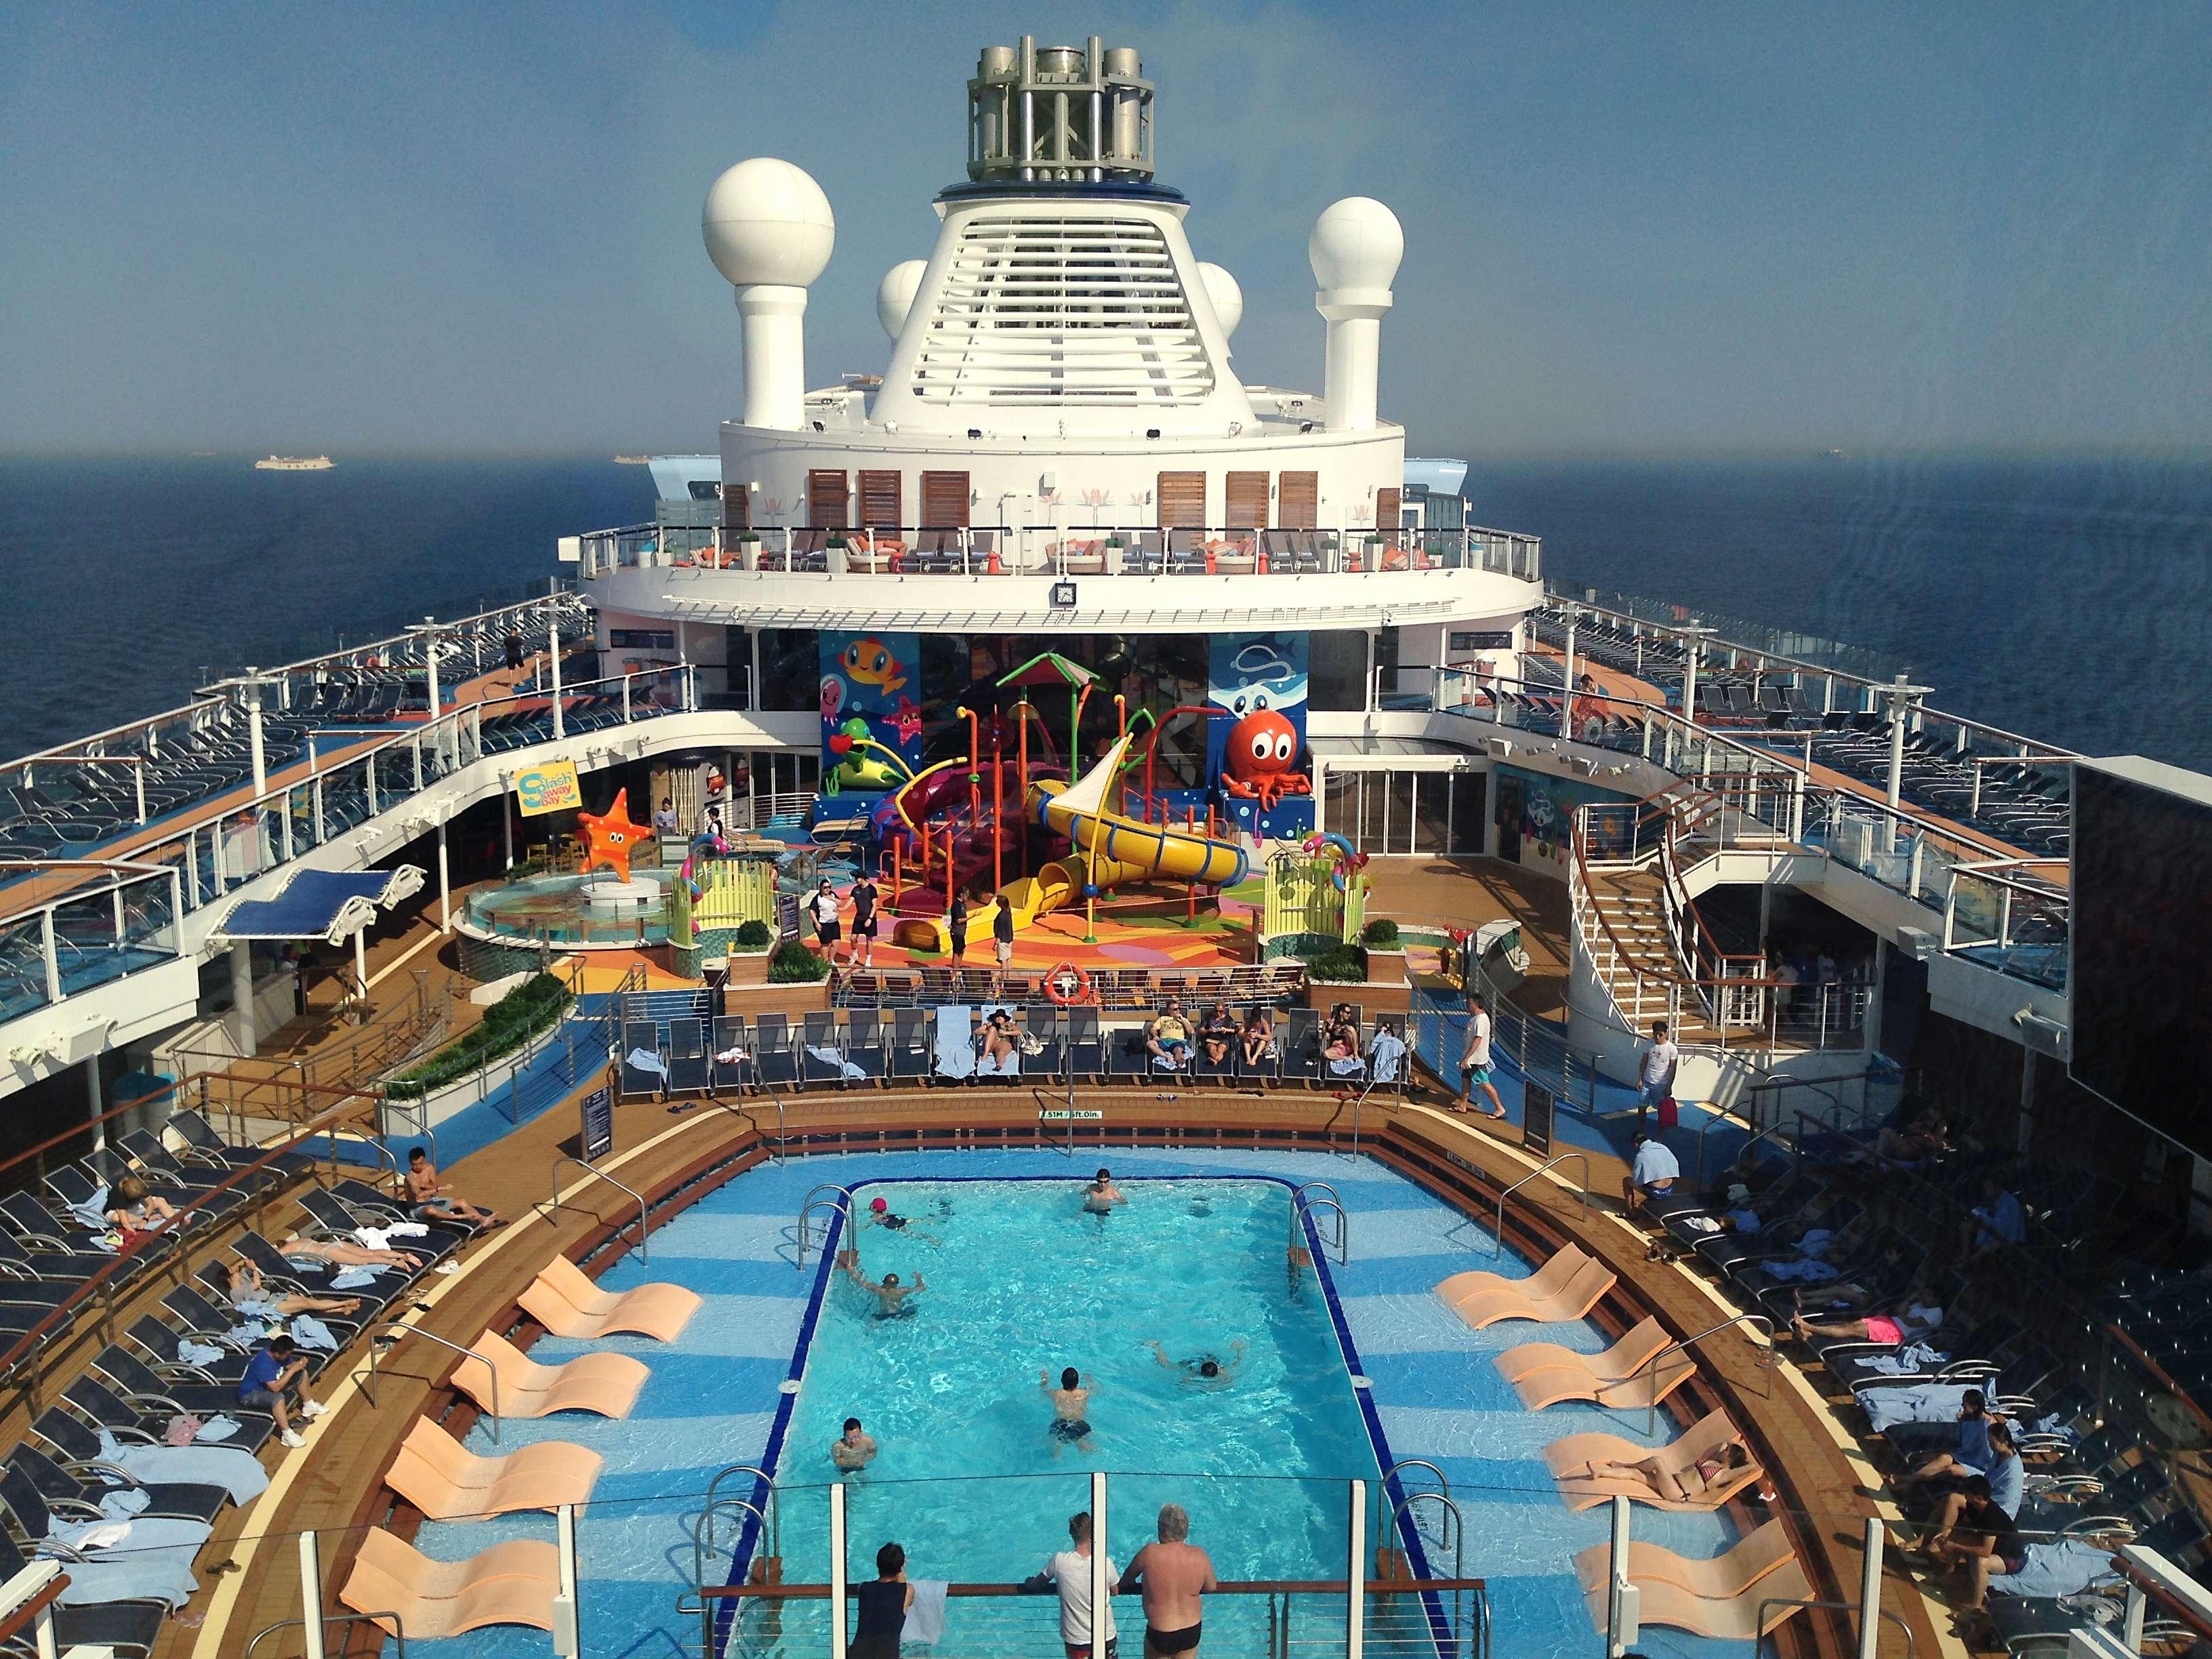 Αποτέλεσμα εικόνας για Cruise markets slows in China